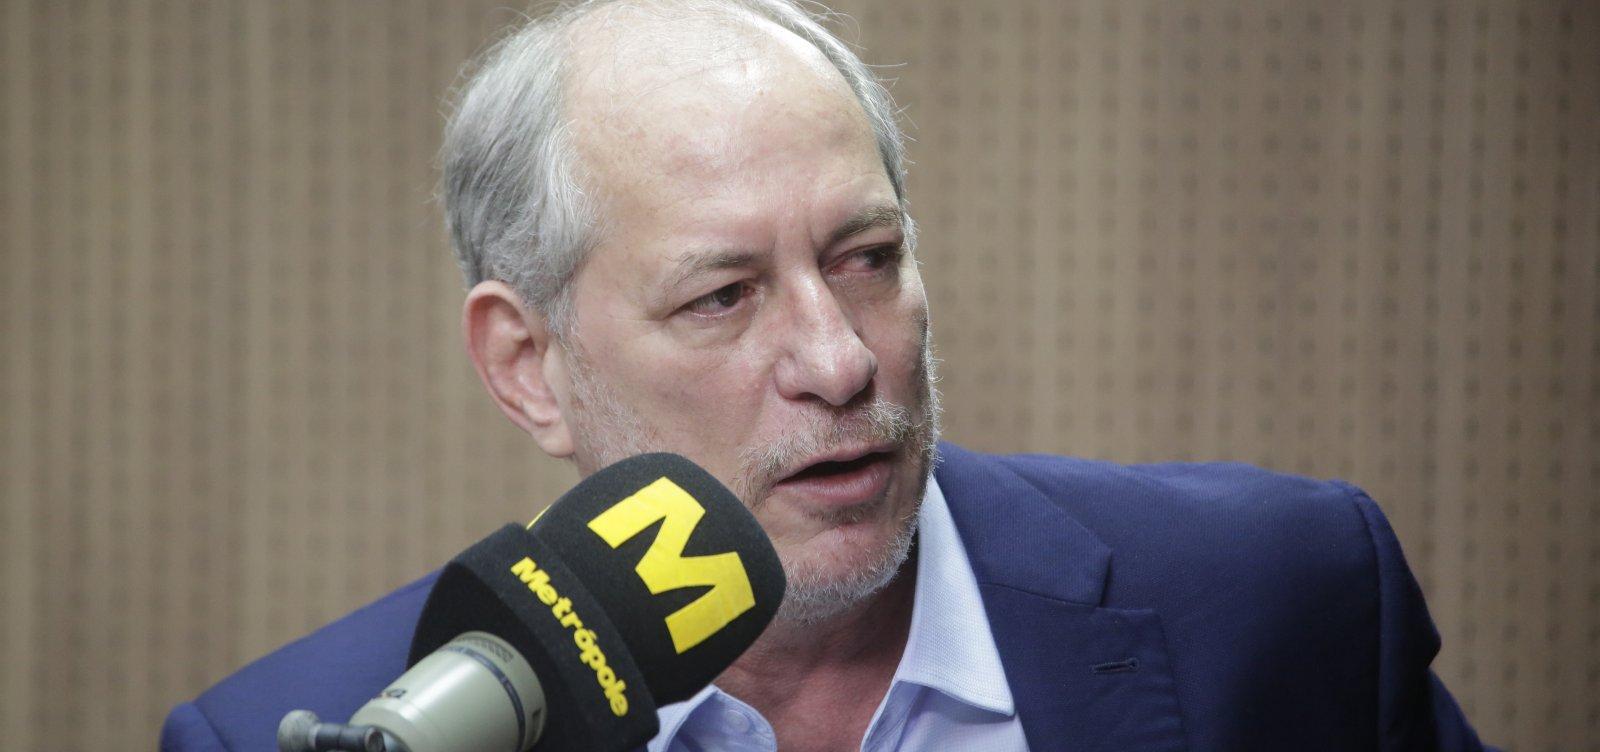 [Ciro diz que Lula desconhece própria história: 'Virou um megalomaníaco e não está nada bem']